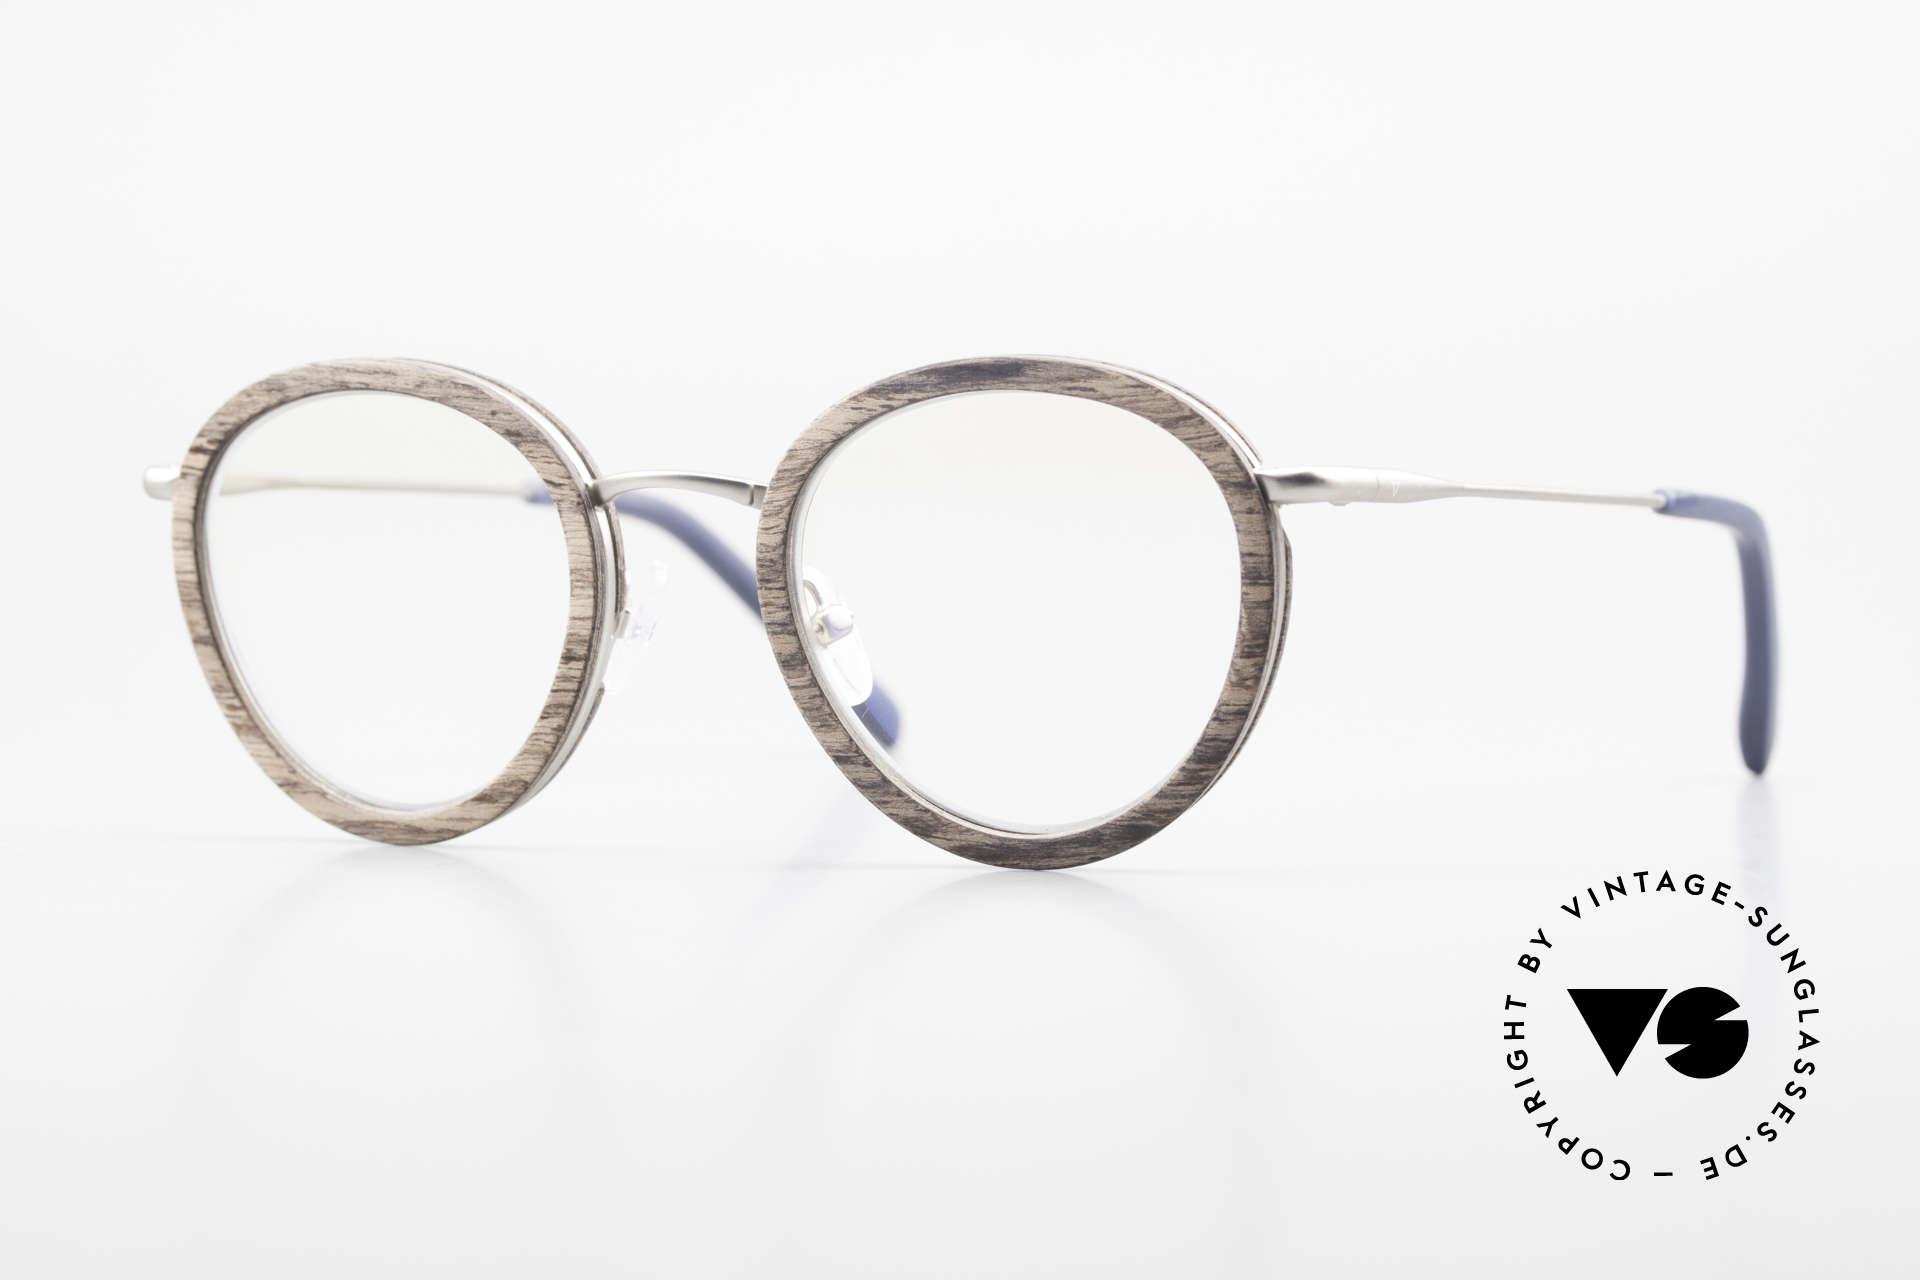 Kerbholz Otto Panto Holzbrille Rund Walnuss, runde Panto-Holzbrille von Kerbholz, made in Germany, Passend für Herren und Damen